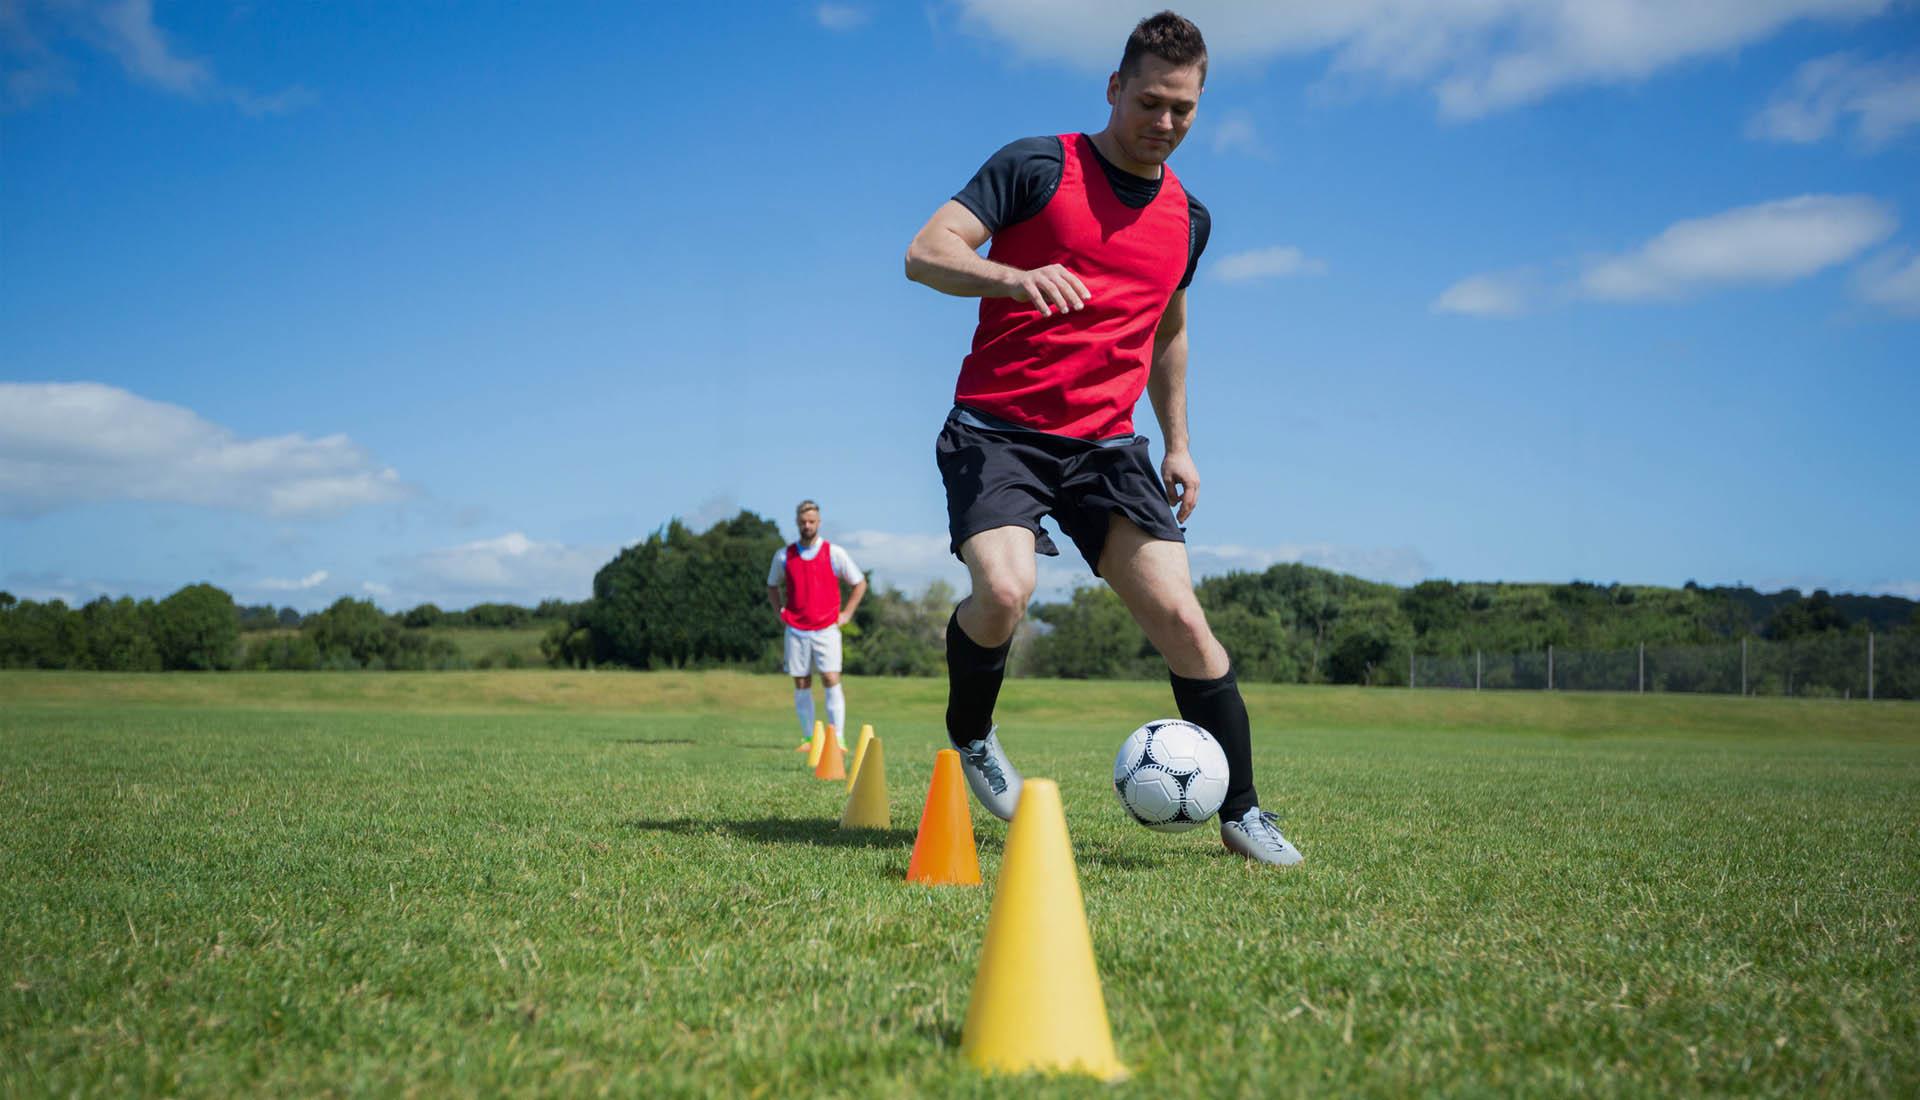 Làm chủ kỹ năng rê bóng sẽ giúp bạn có thể chơi bóng tốt hơn rất nhiều